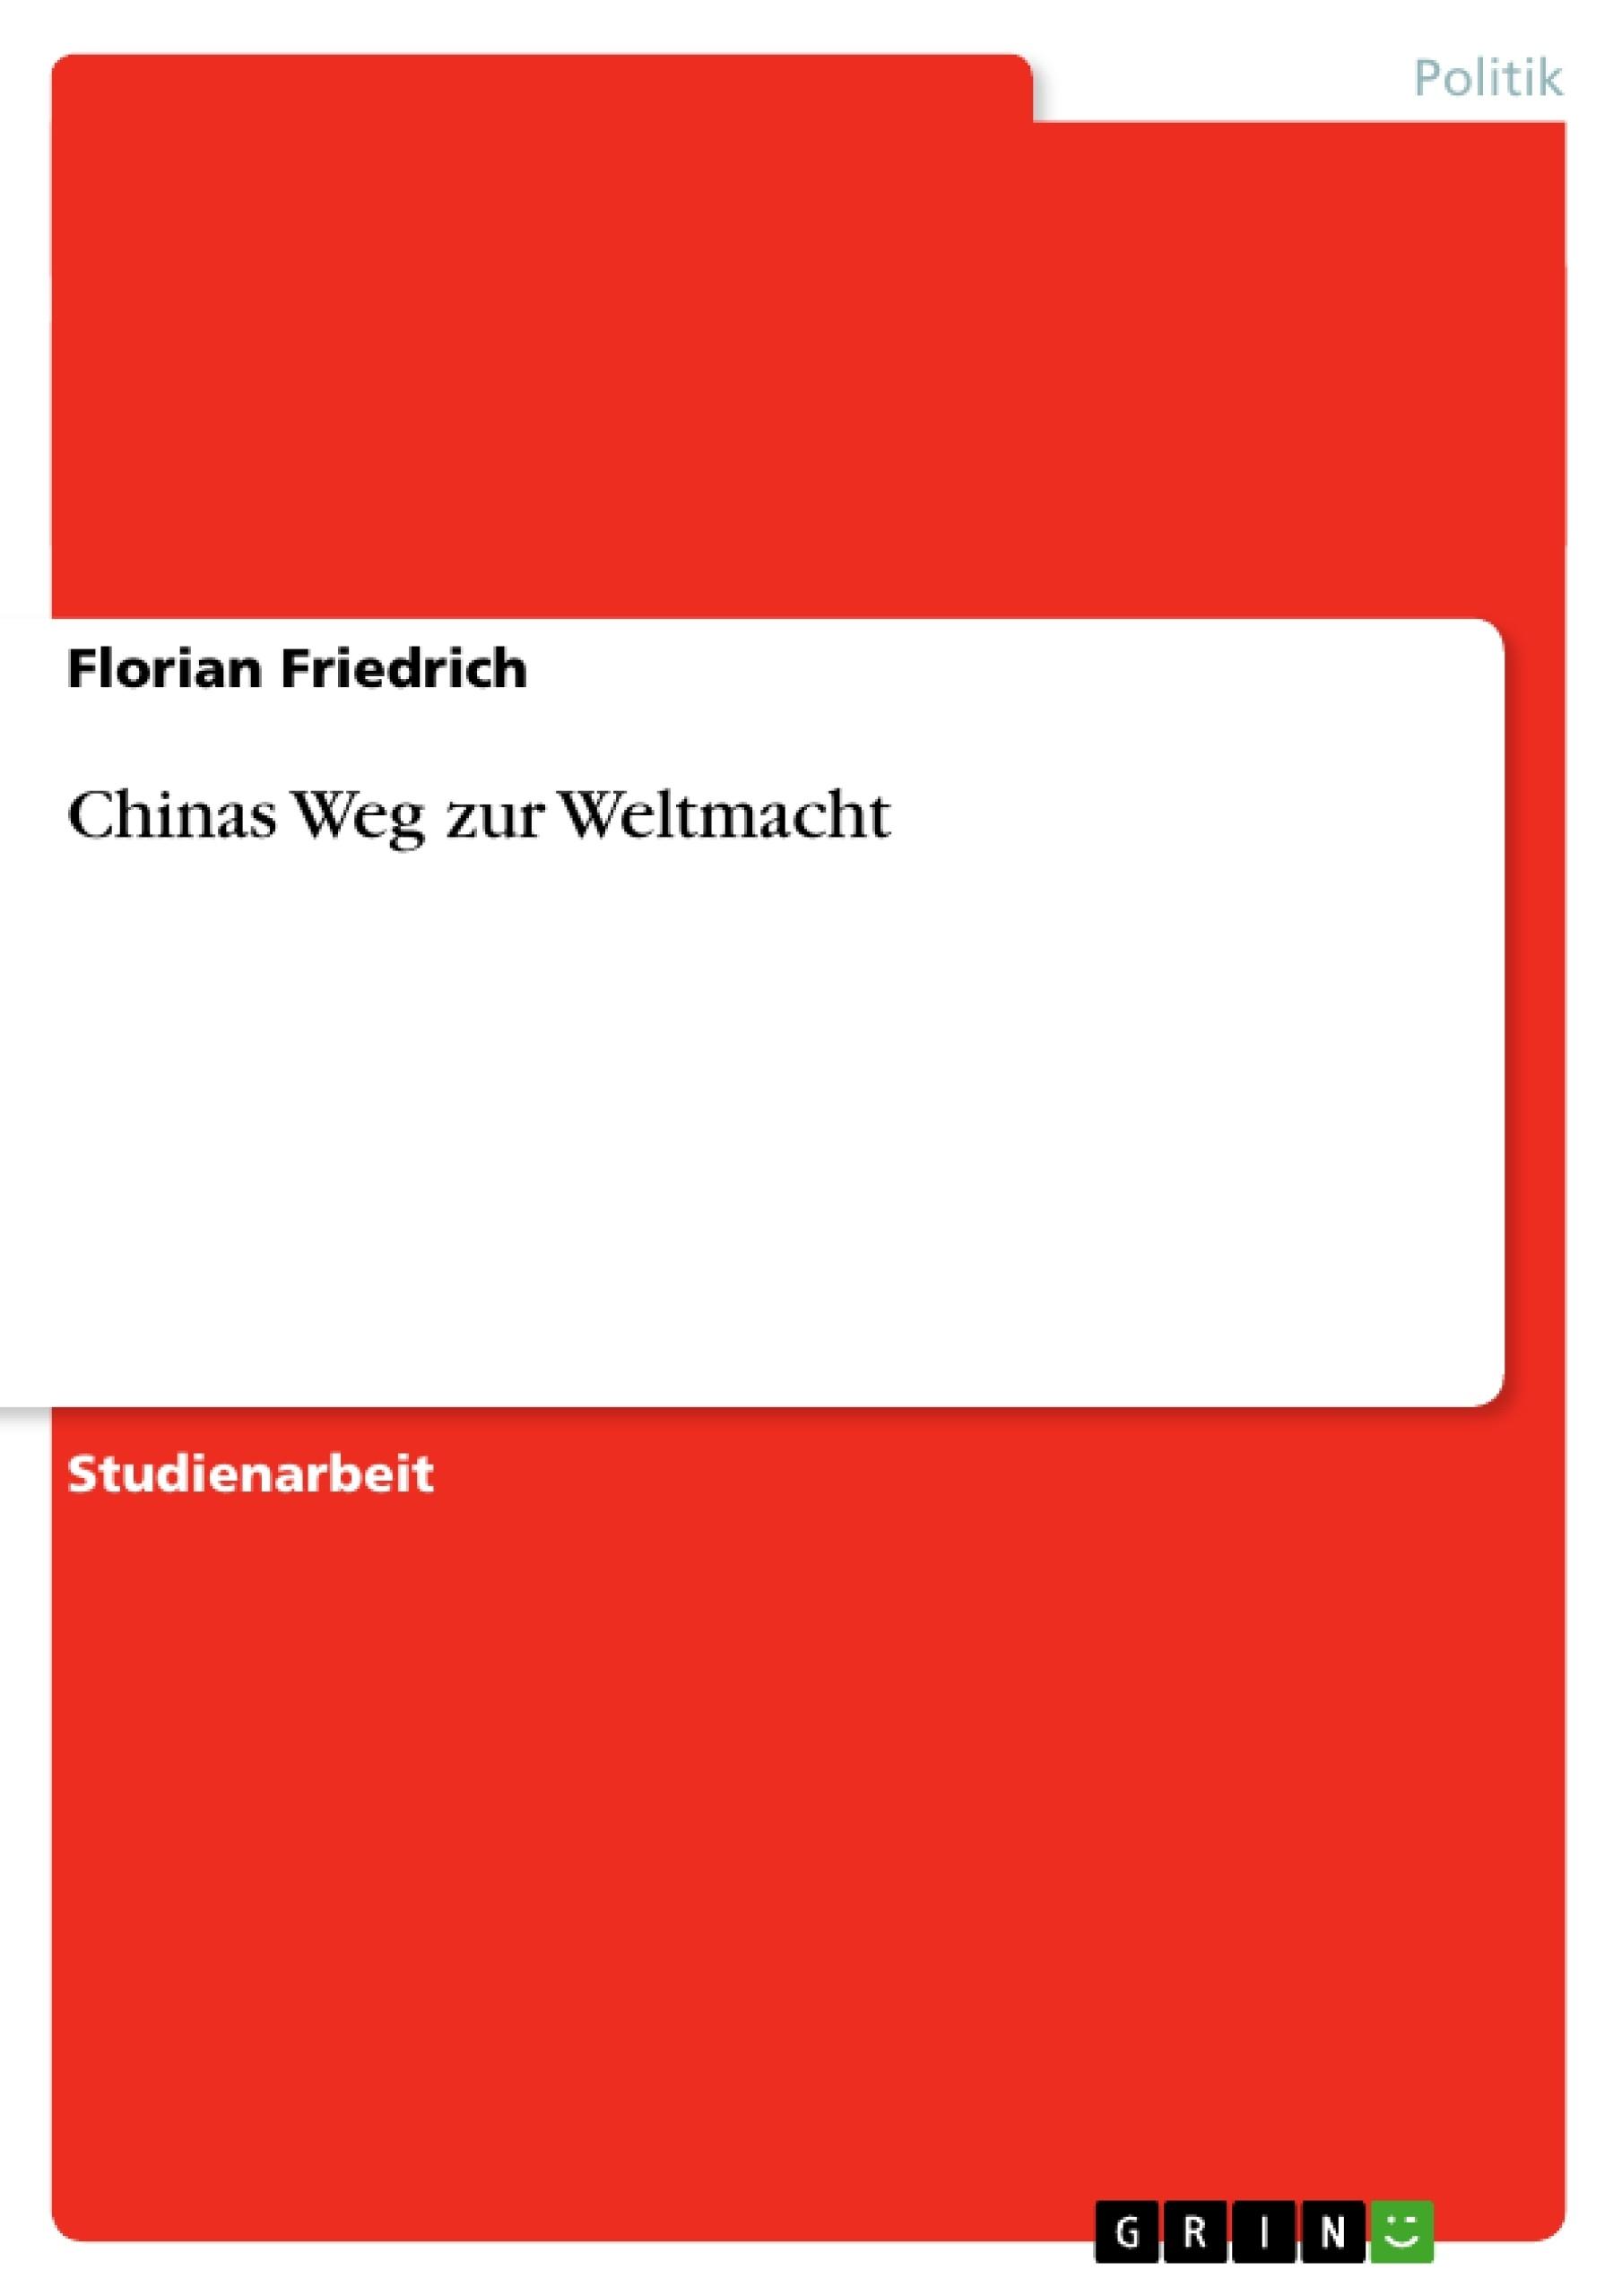 Titel: Chinas Weg zur Weltmacht